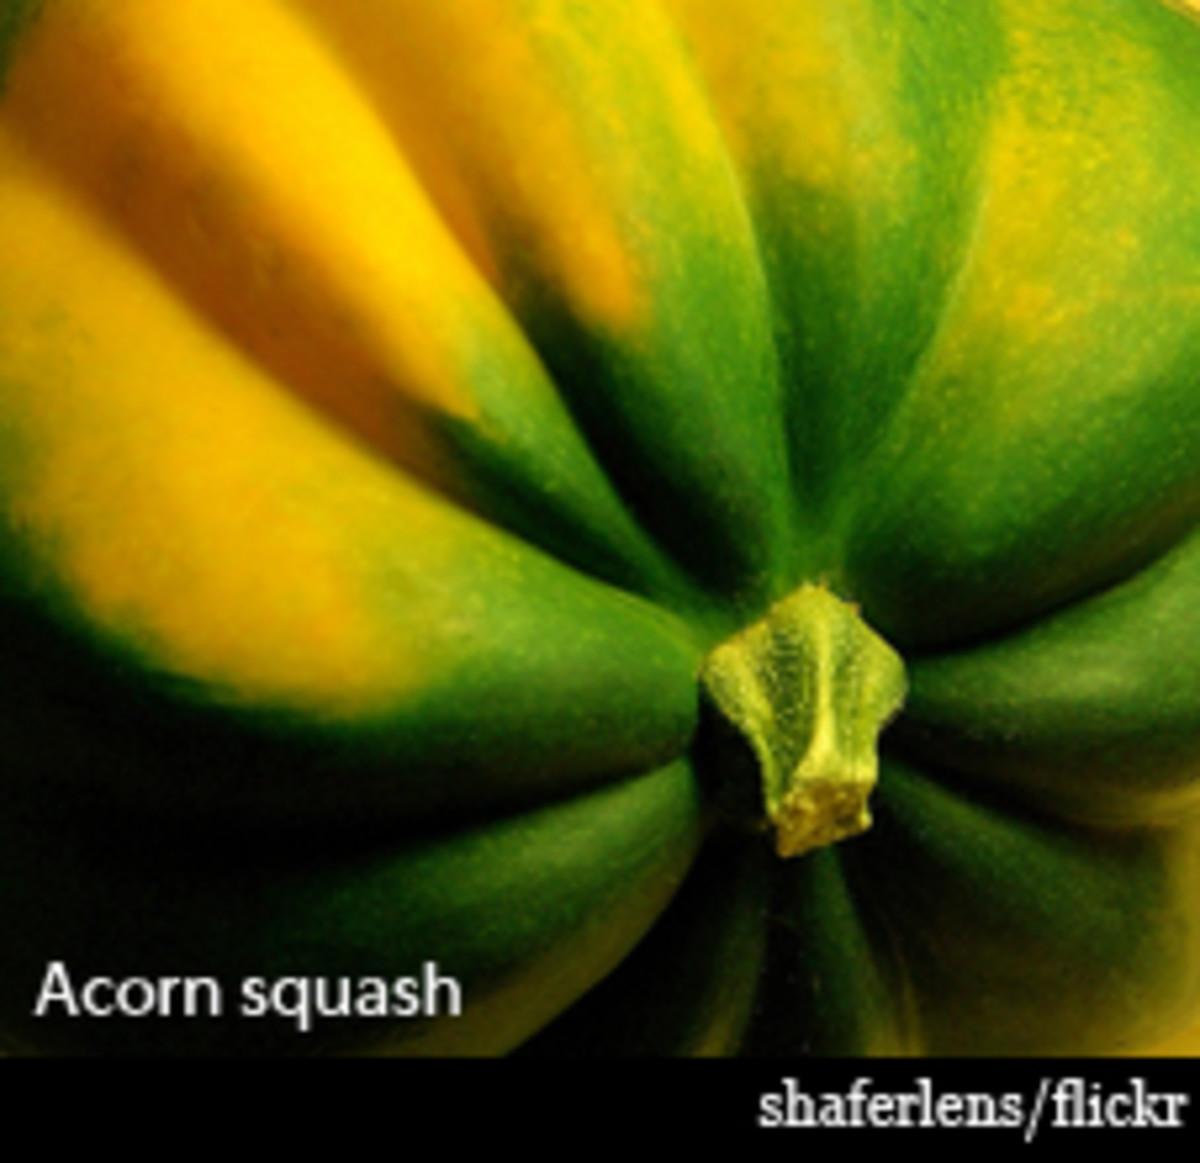 acornsquash-shaferlens3